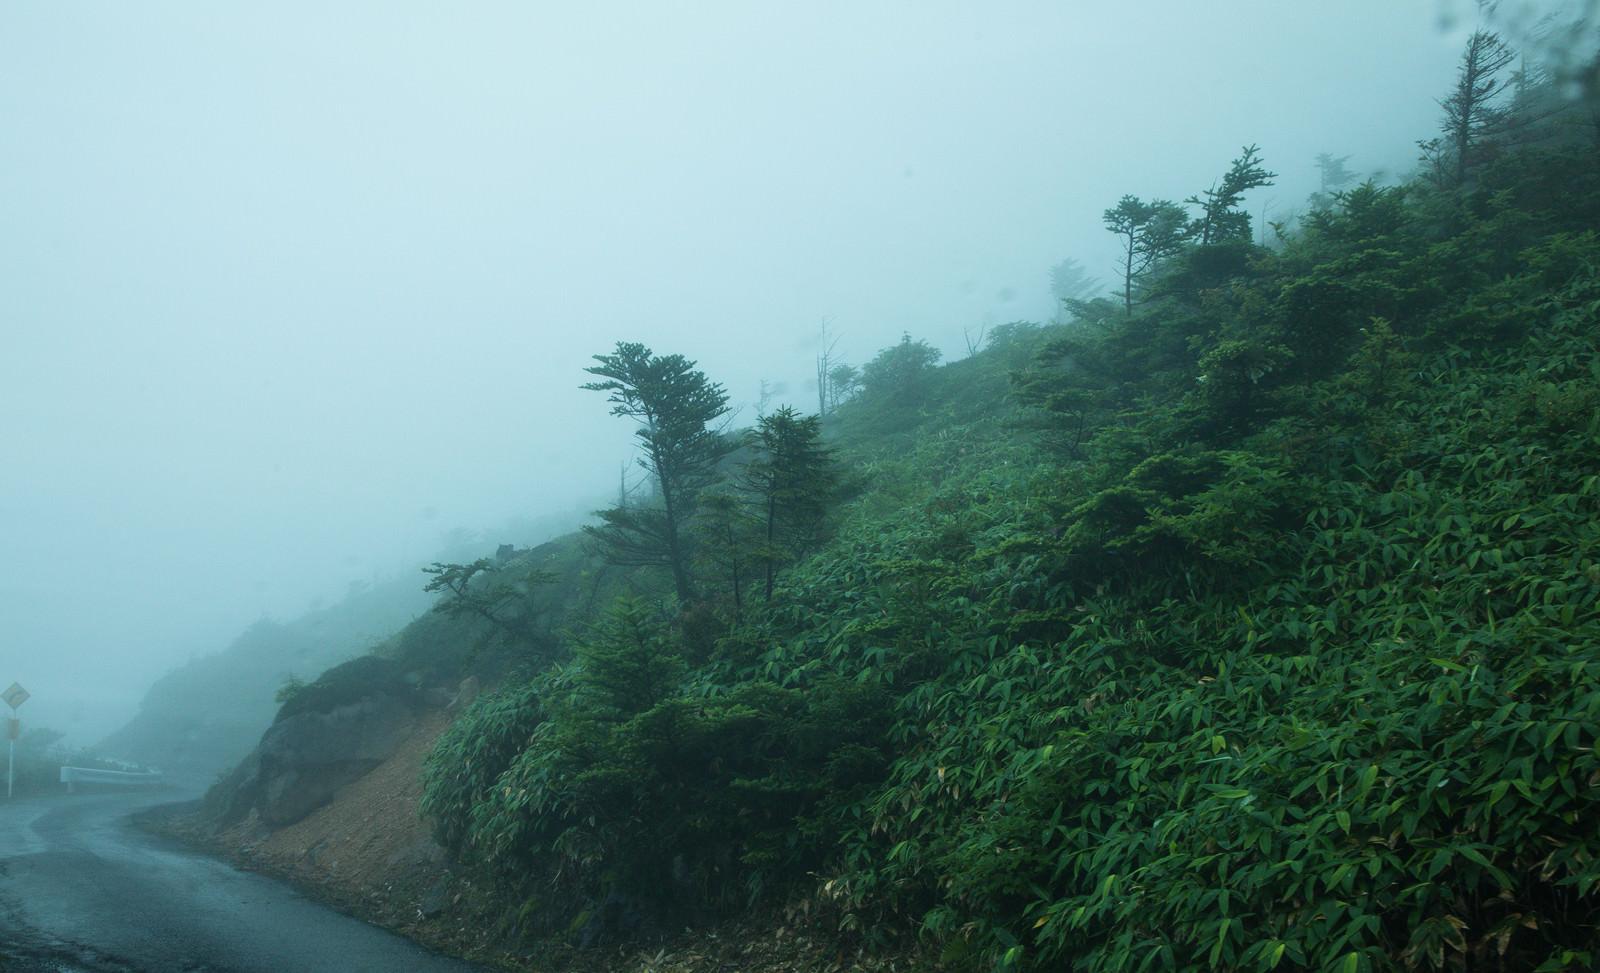 「山道の吹き荒れる風雨」の写真